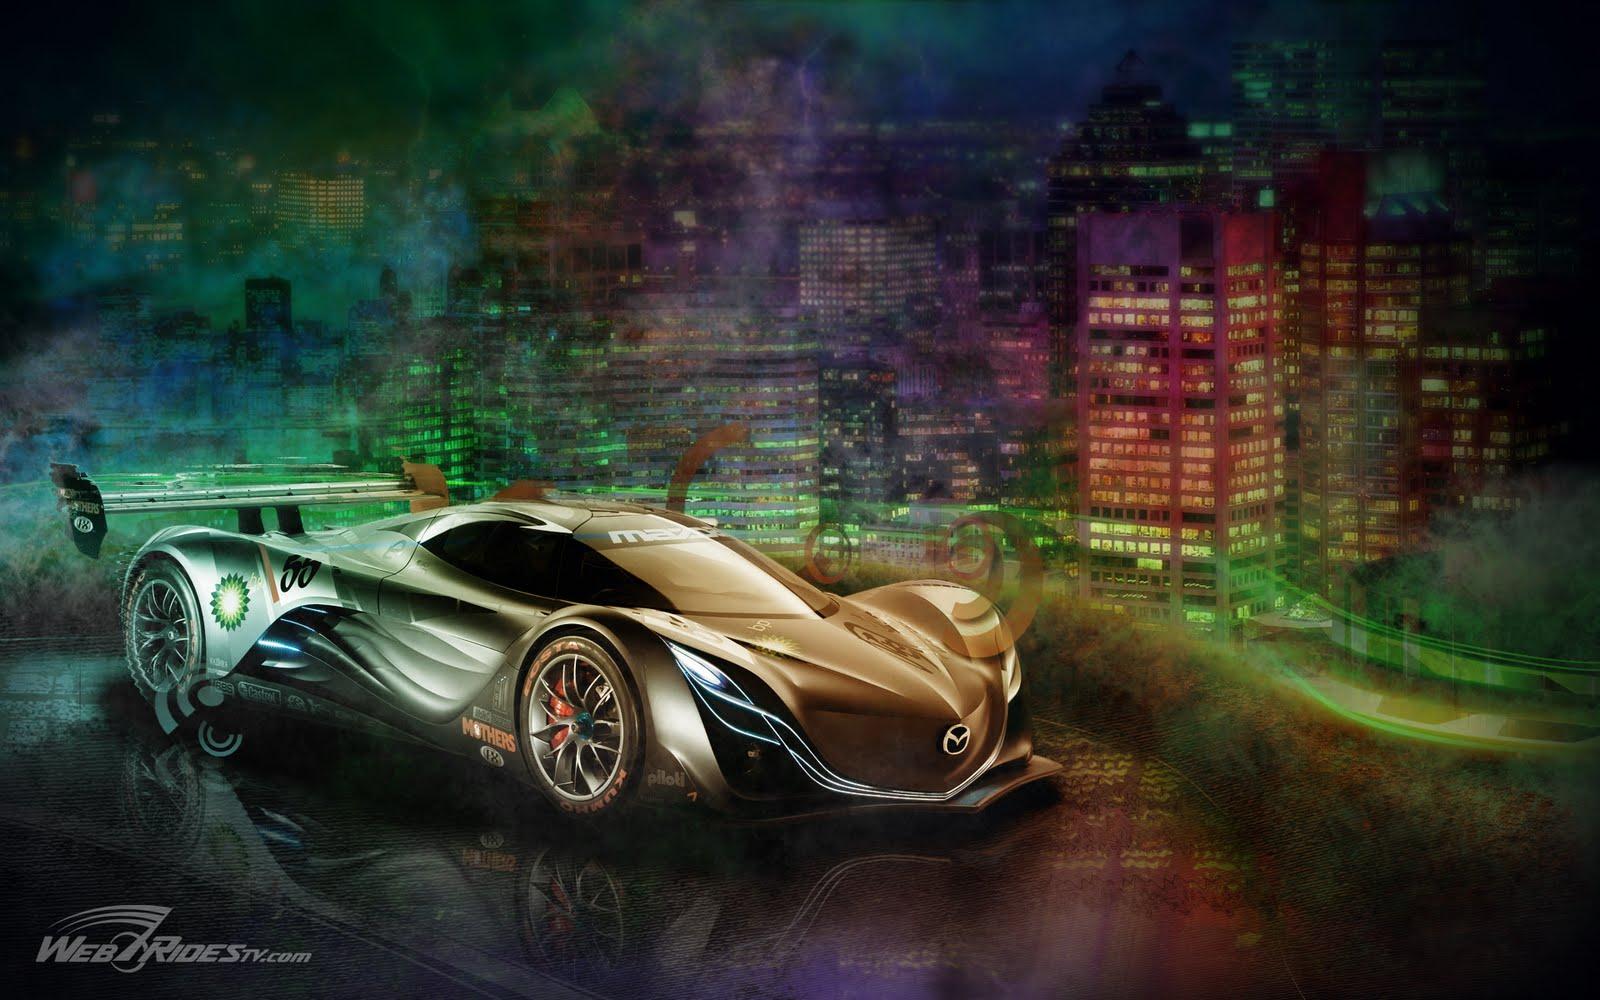 http://4.bp.blogspot.com/-mavywyi8uUM/T4u0SPnyqUI/AAAAAAAAQPk/C54S7kpZkfs/s1600/Amazing-Cars-HD-wallpaper--%20100%2011.jpg